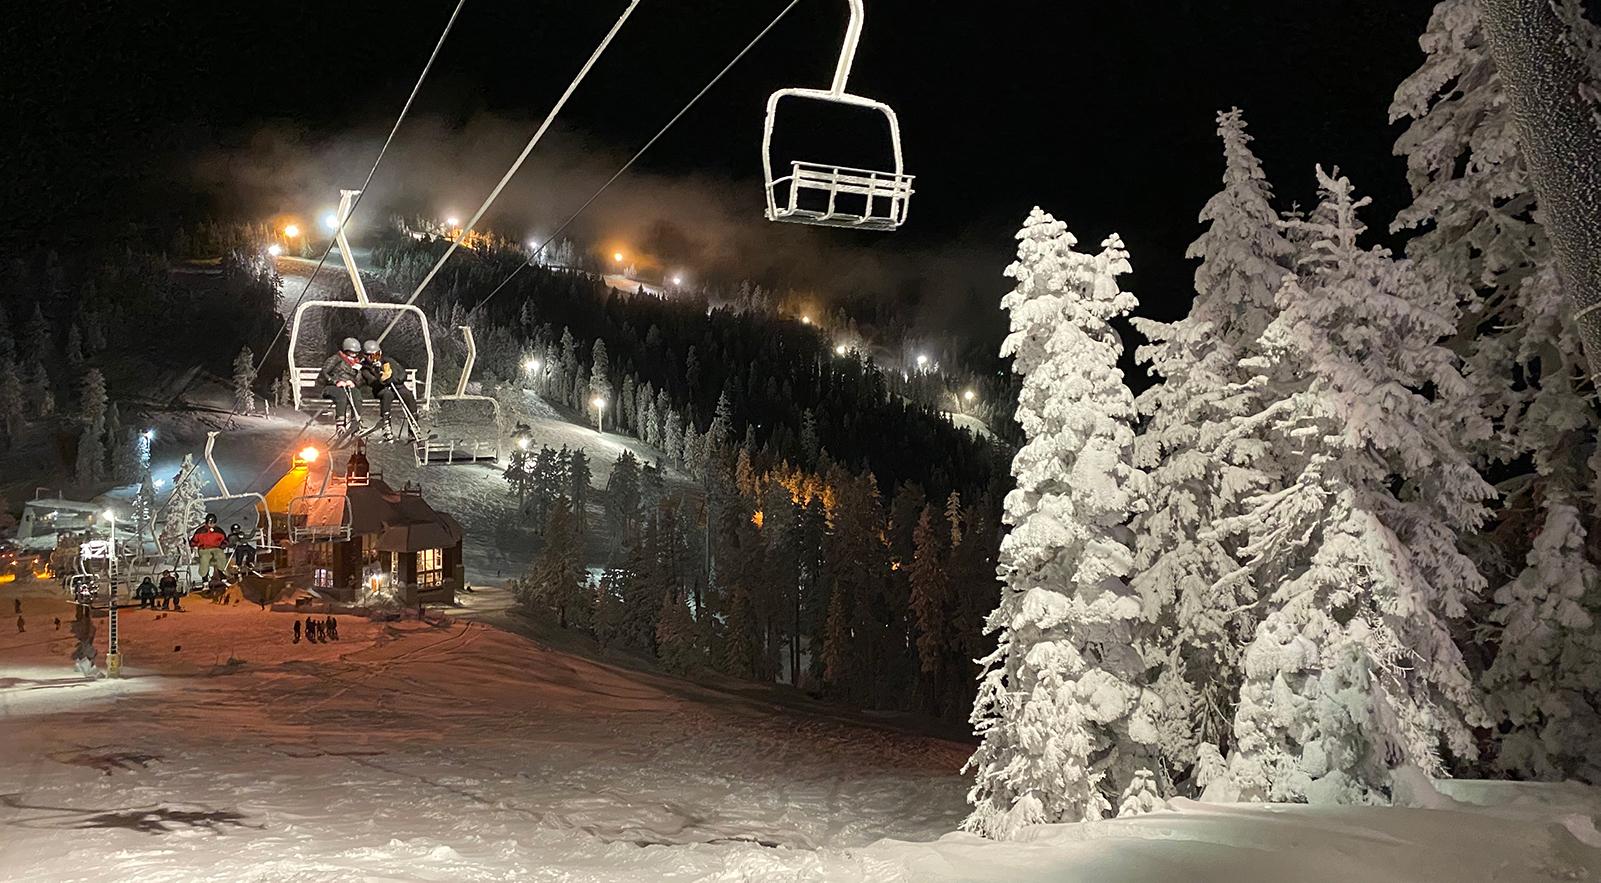 Night Skiing At Mt. Ashland